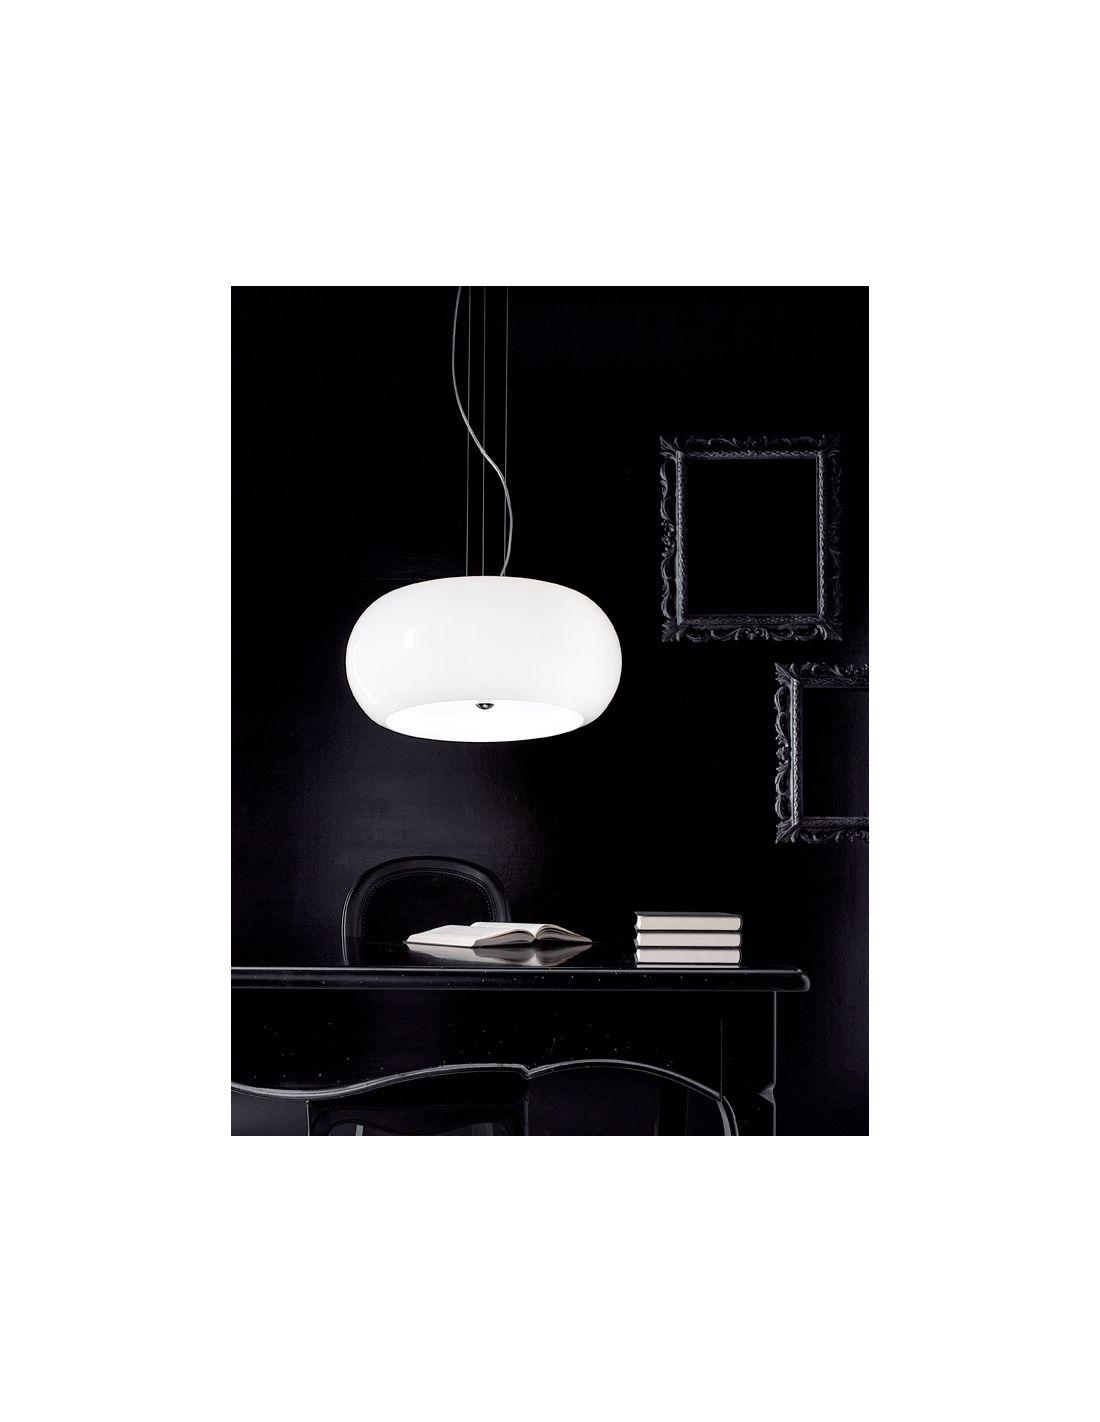 Lampadario a sospensione in vetro soffiato bianco lucido - Lampadario sospensione moderni design ...